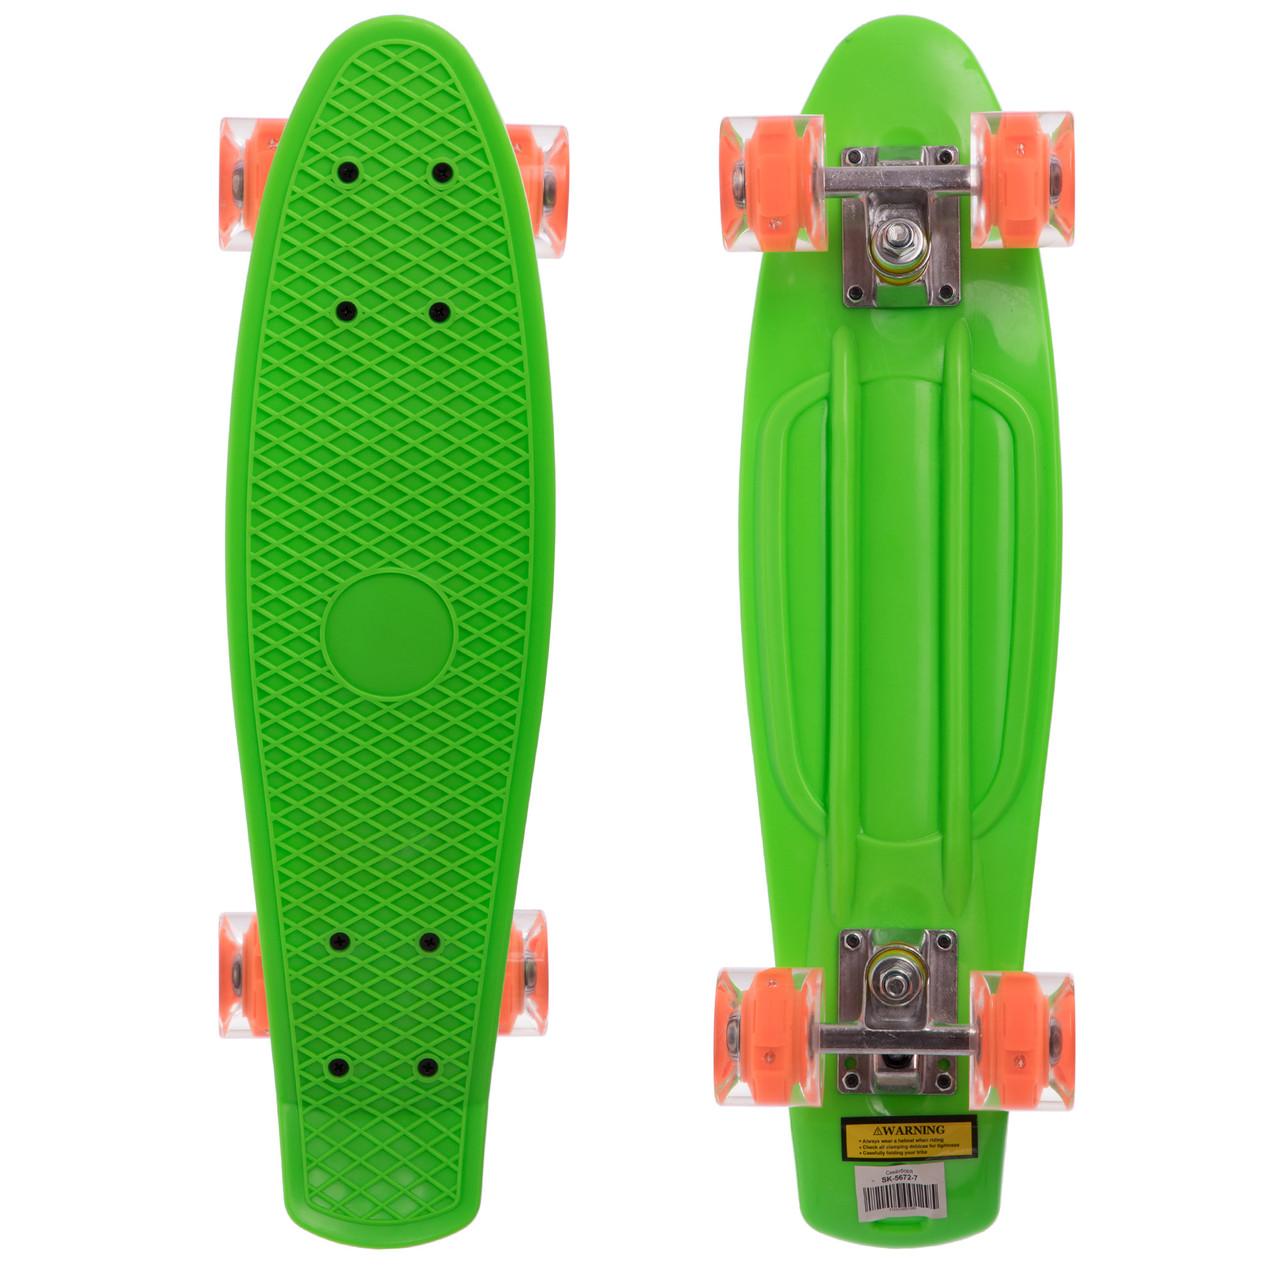 Скейтборд пластиковий Penny LED WHEELS 22in зі світними колесами SK-5672-7 (салатовий-помаранчевий)